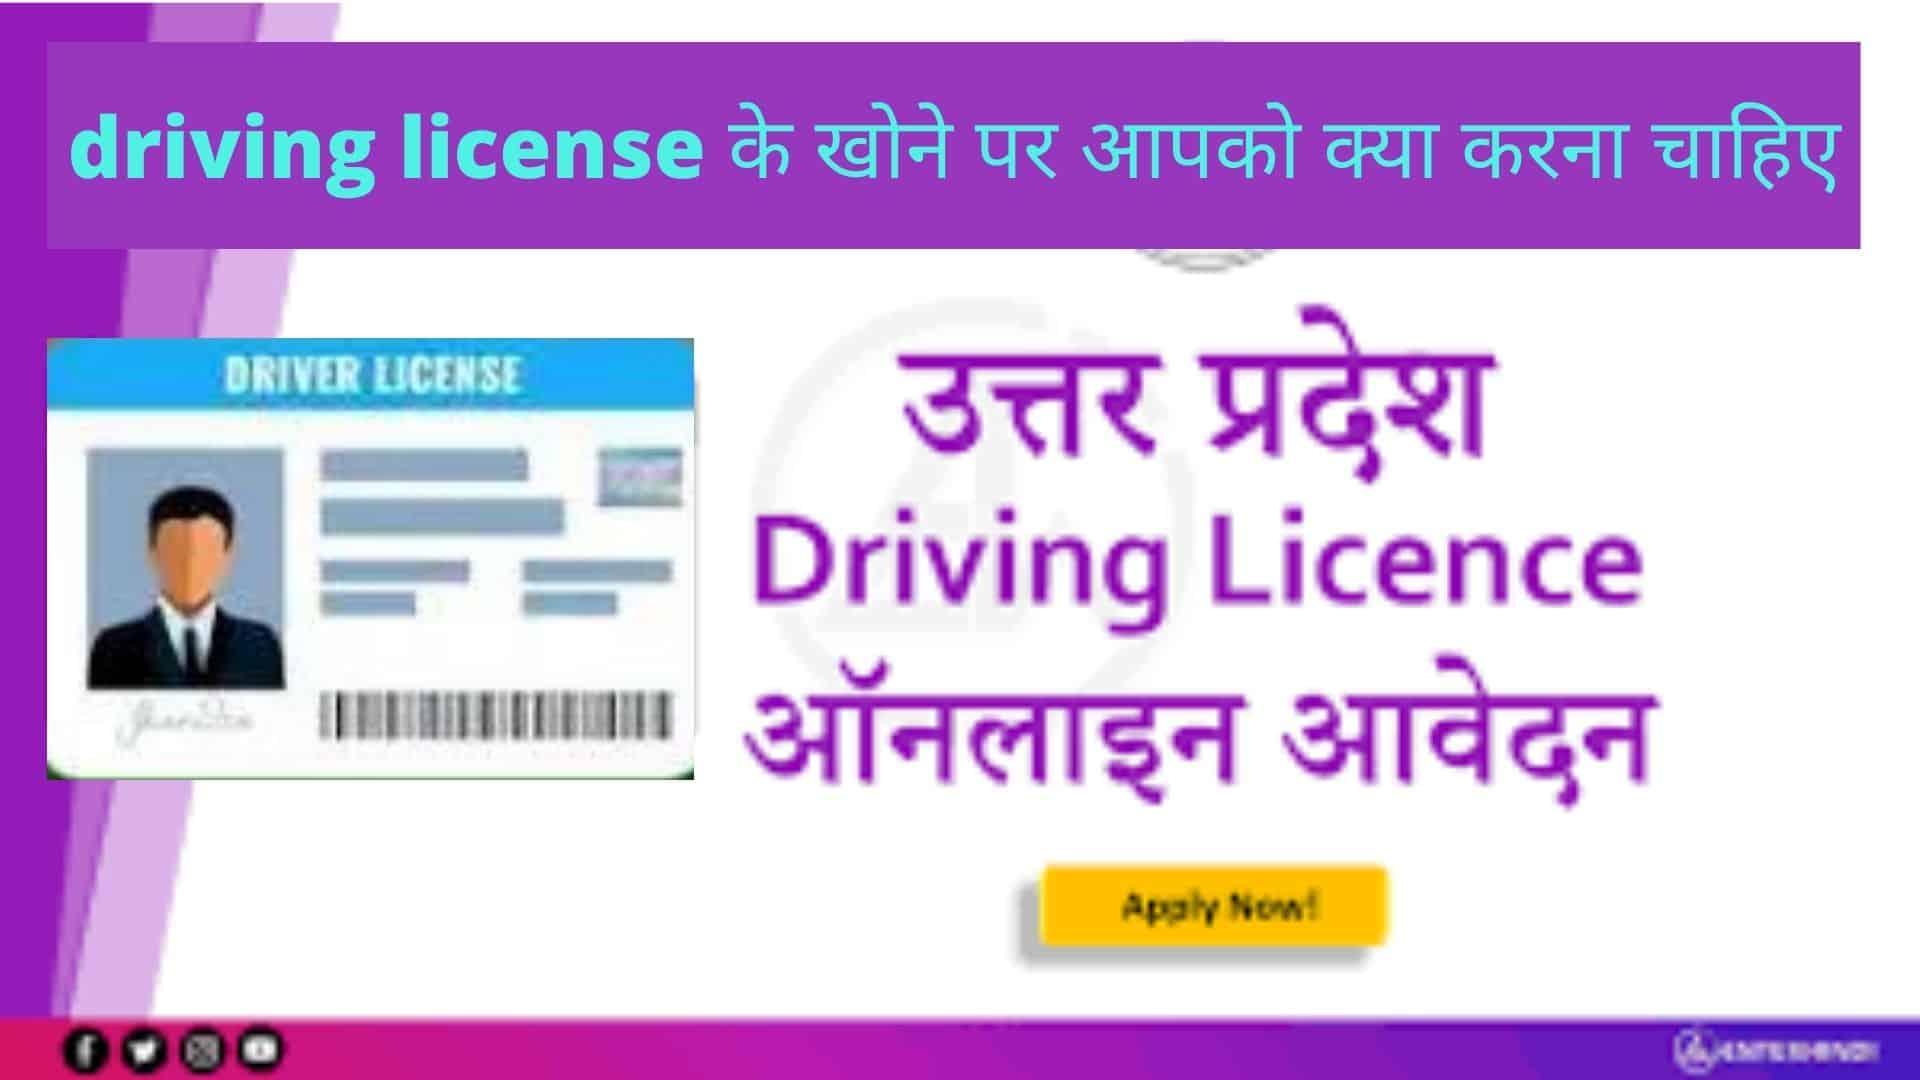 ड्राइविंग लाइसेंस के लिए आवेदन कैसे करें_How to apply for driving license